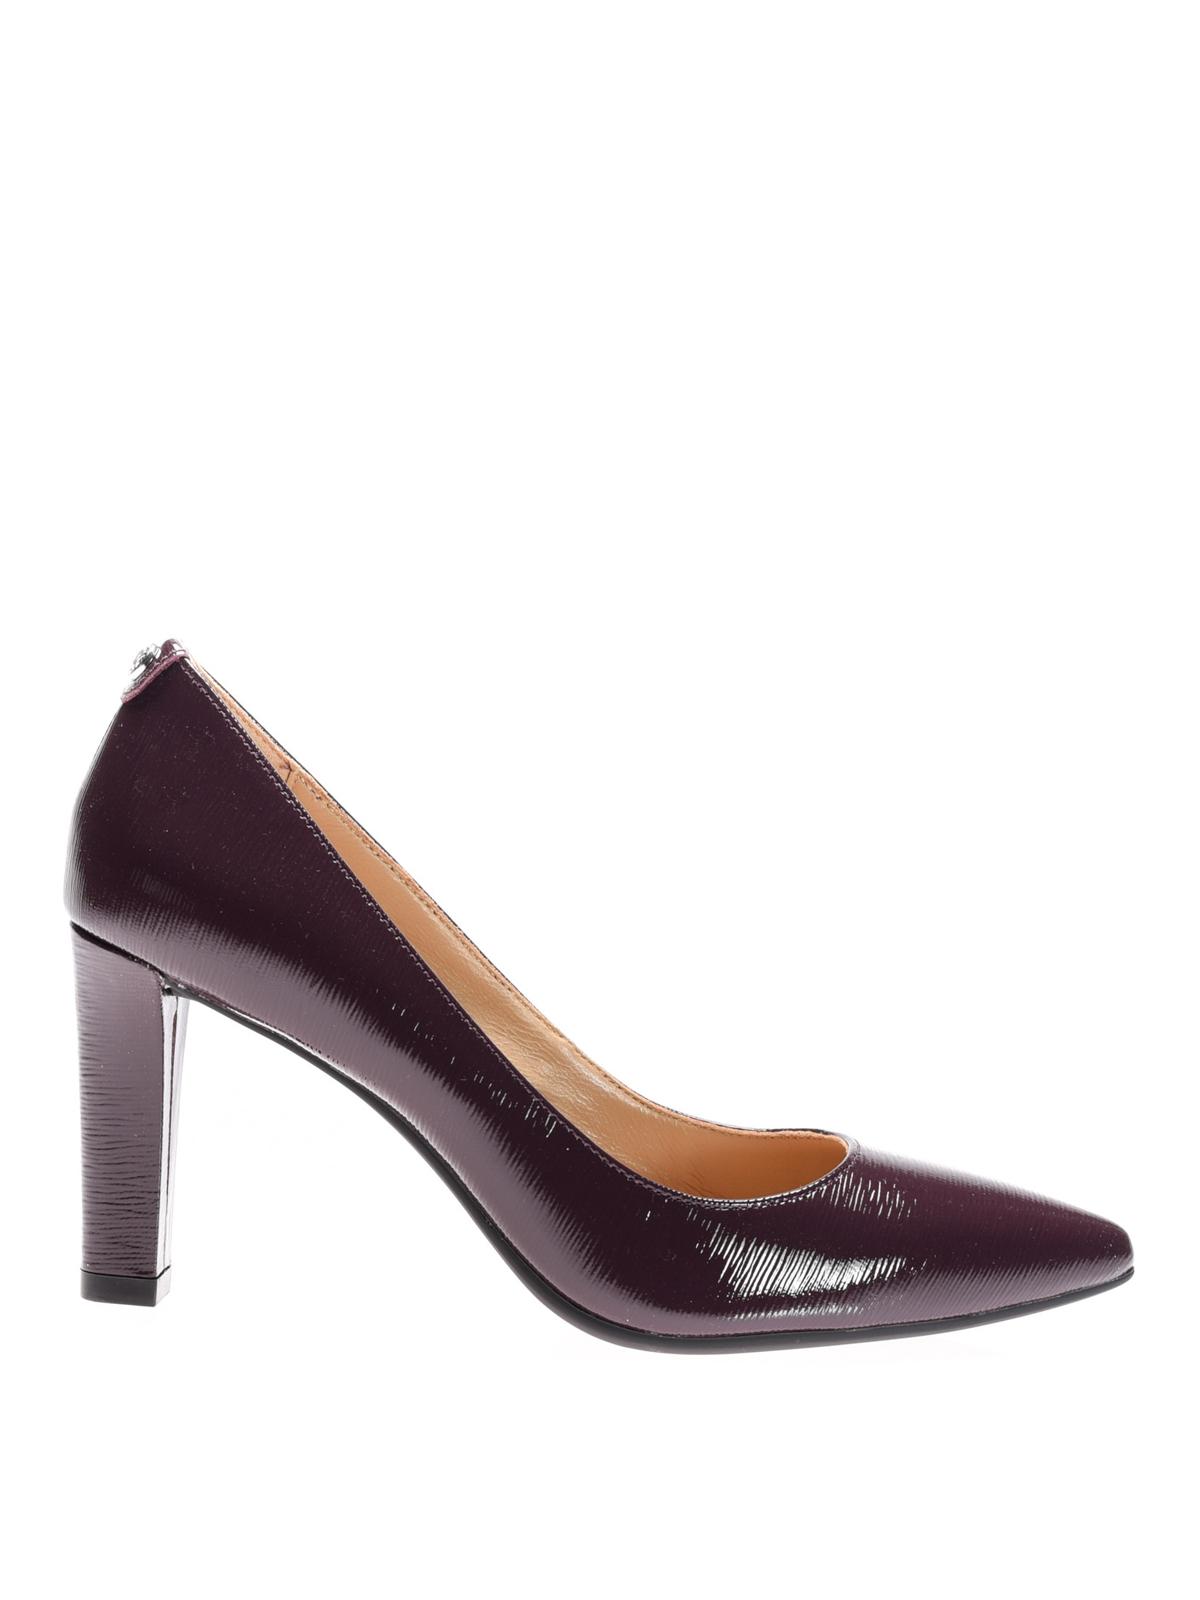 6fc99571a Michael Kors - Abbi Flex patent pumps - court shoes - 40F7ABMP1A599